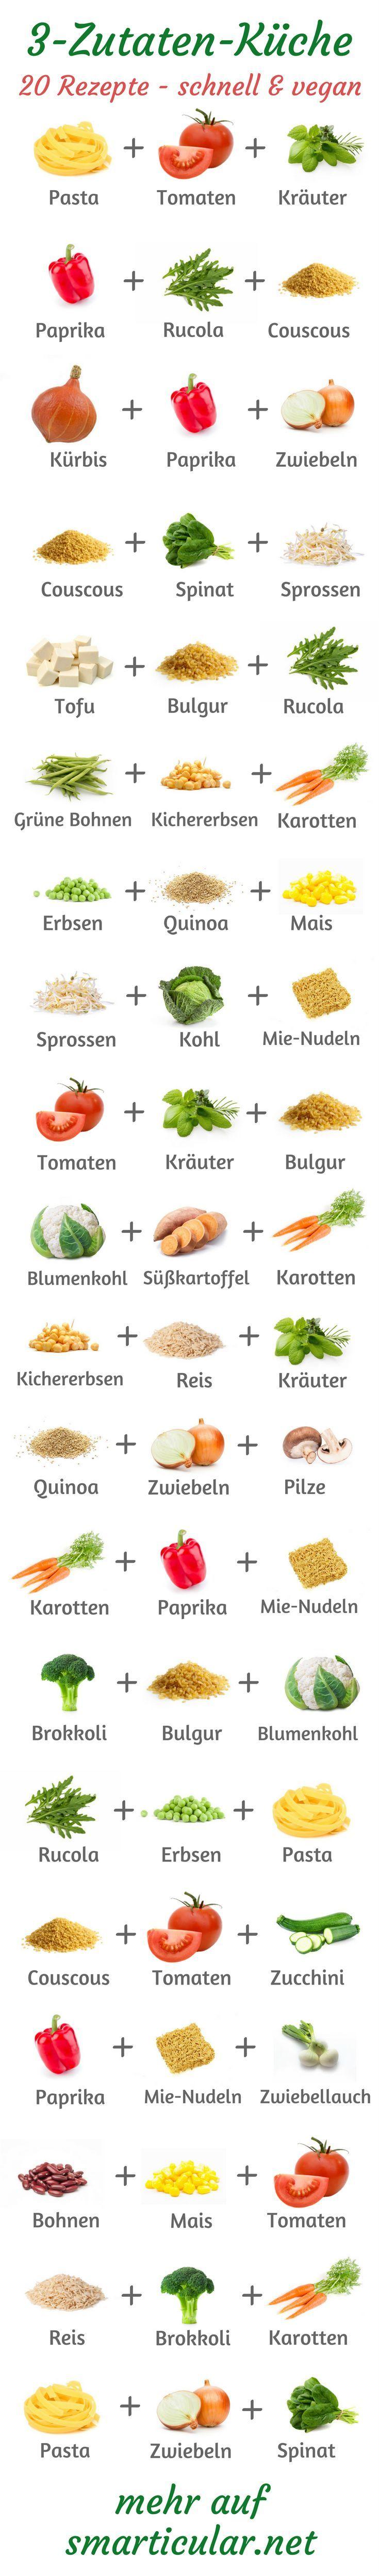 Vegane DreiZutatenKüche Schnelle gesunde Gerichte mit 3 Zutaten Vegane DreiZutatenKüche Schnelle gesunde Gerichte mit 3 Zutaten